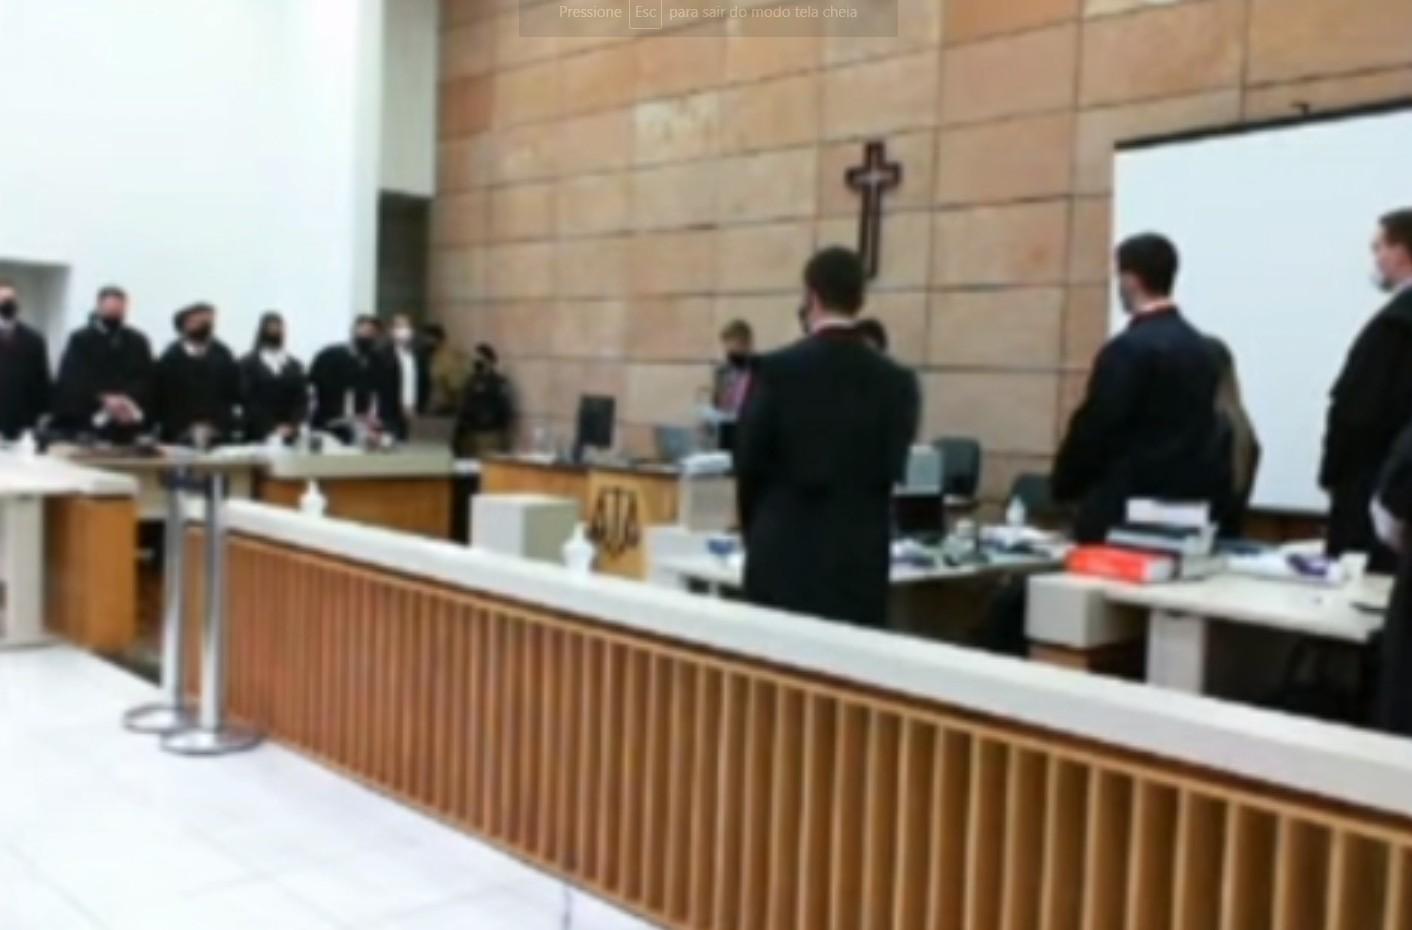 Caso Tatiane Spitzner: entenda como foi composto o júri popular de Luis Felipe Manvailer, com sete jurados homens